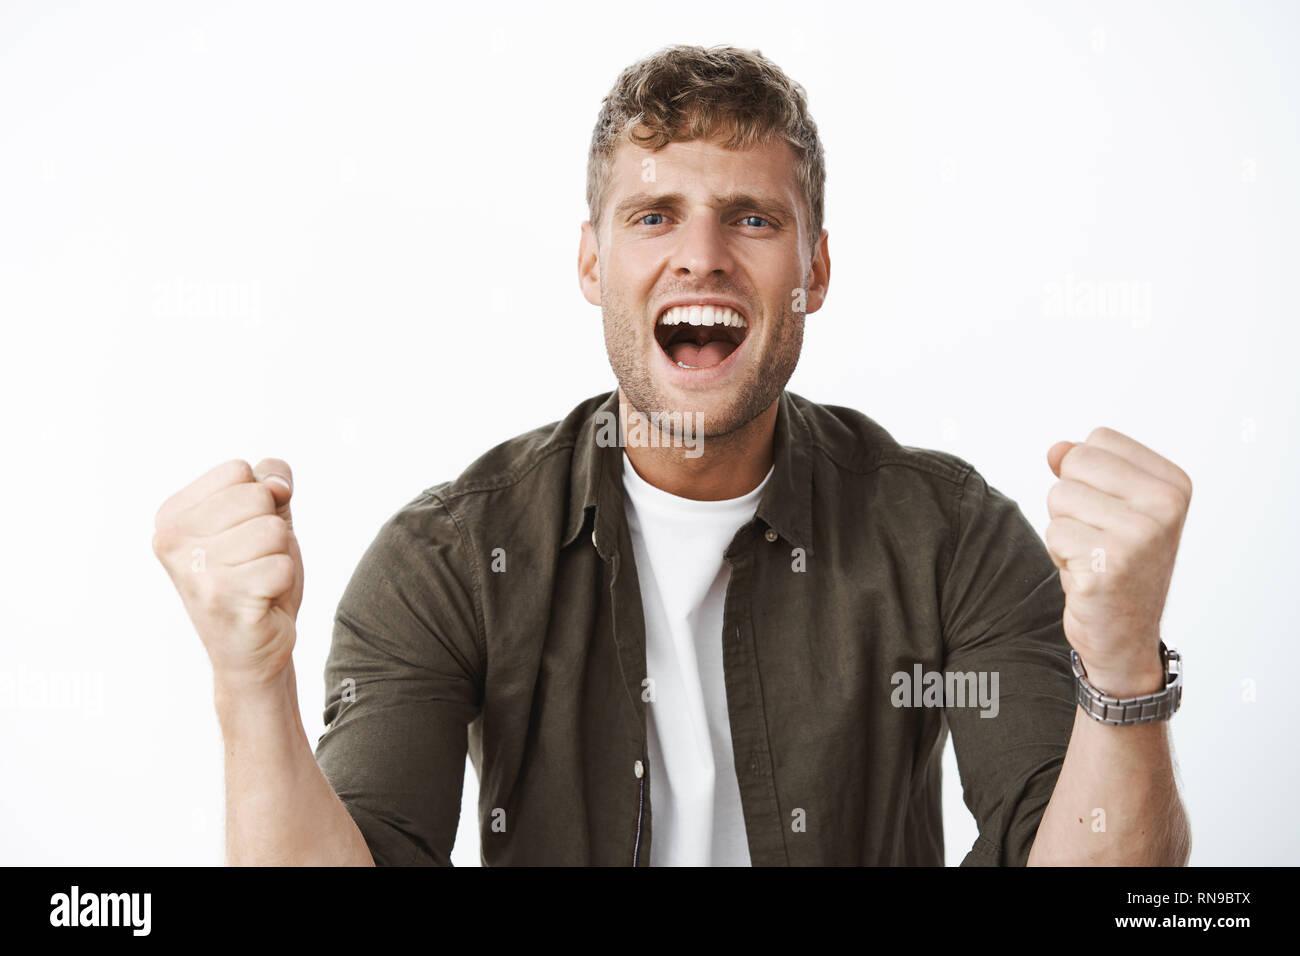 Guy aclamando con entusiasmo y alegría gritando en apoyo de cámara palabras del apretamiento puños en alegría y ser asertivo, estimular la confianza, fomentar Imagen De Stock